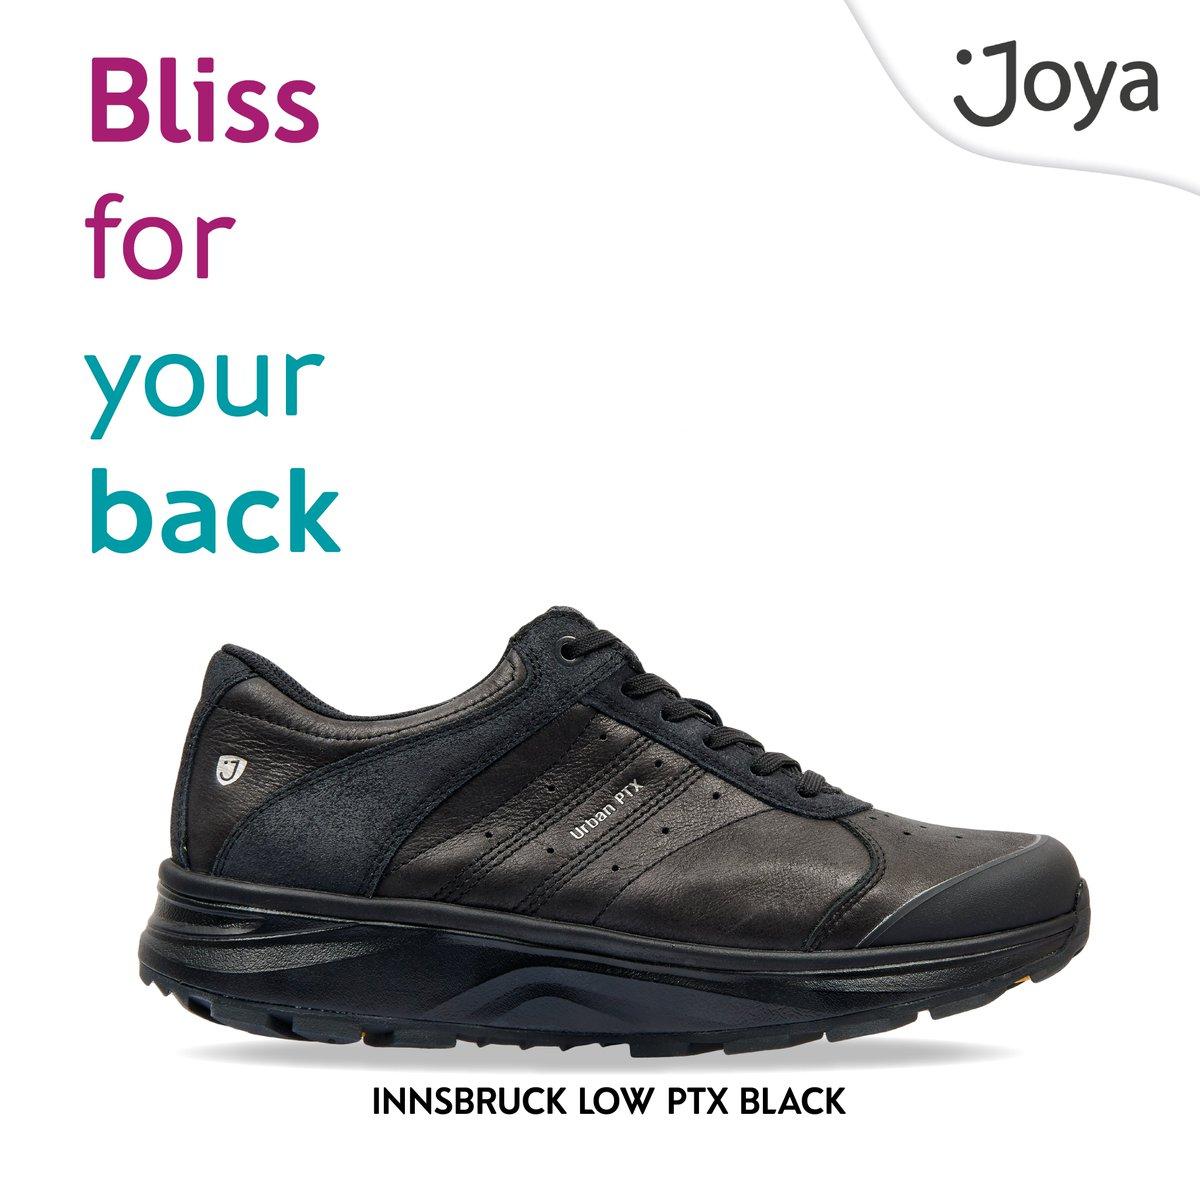 Joya Shoes (@JoyaShoe) | Twitter